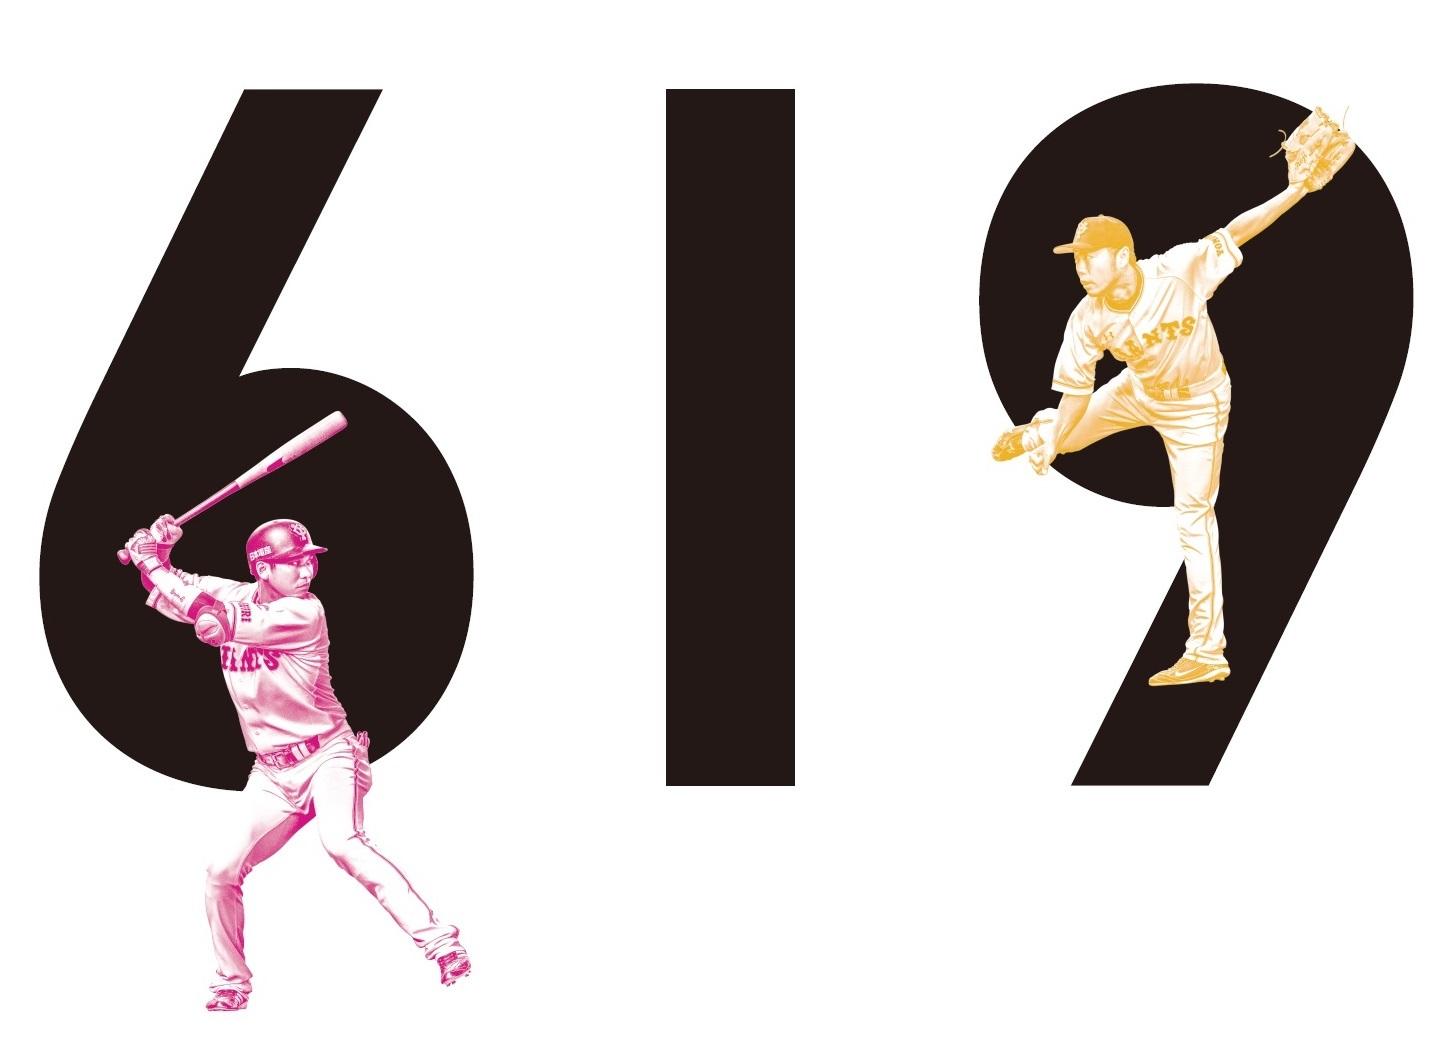 背番号「6」の坂本勇人と、背番号「19」の上原浩治をモチーフとしたデザインに